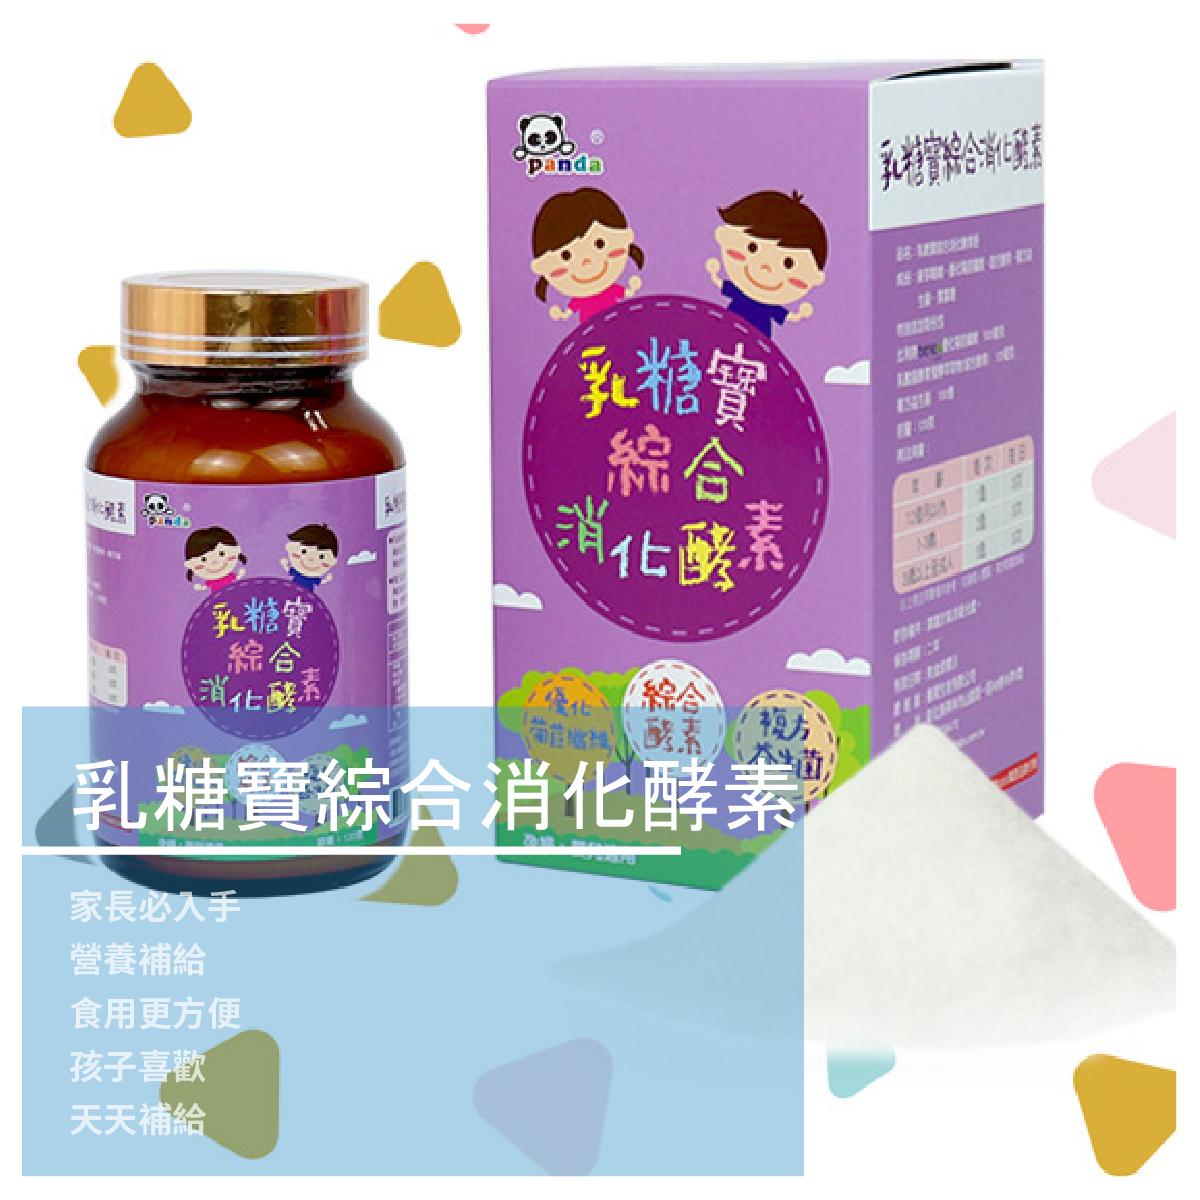 【碧綠谷藥局】鑫耀Panda 乳糖寶綜合消化酵素120g/罐 買一送一 (全系列商品可任選)